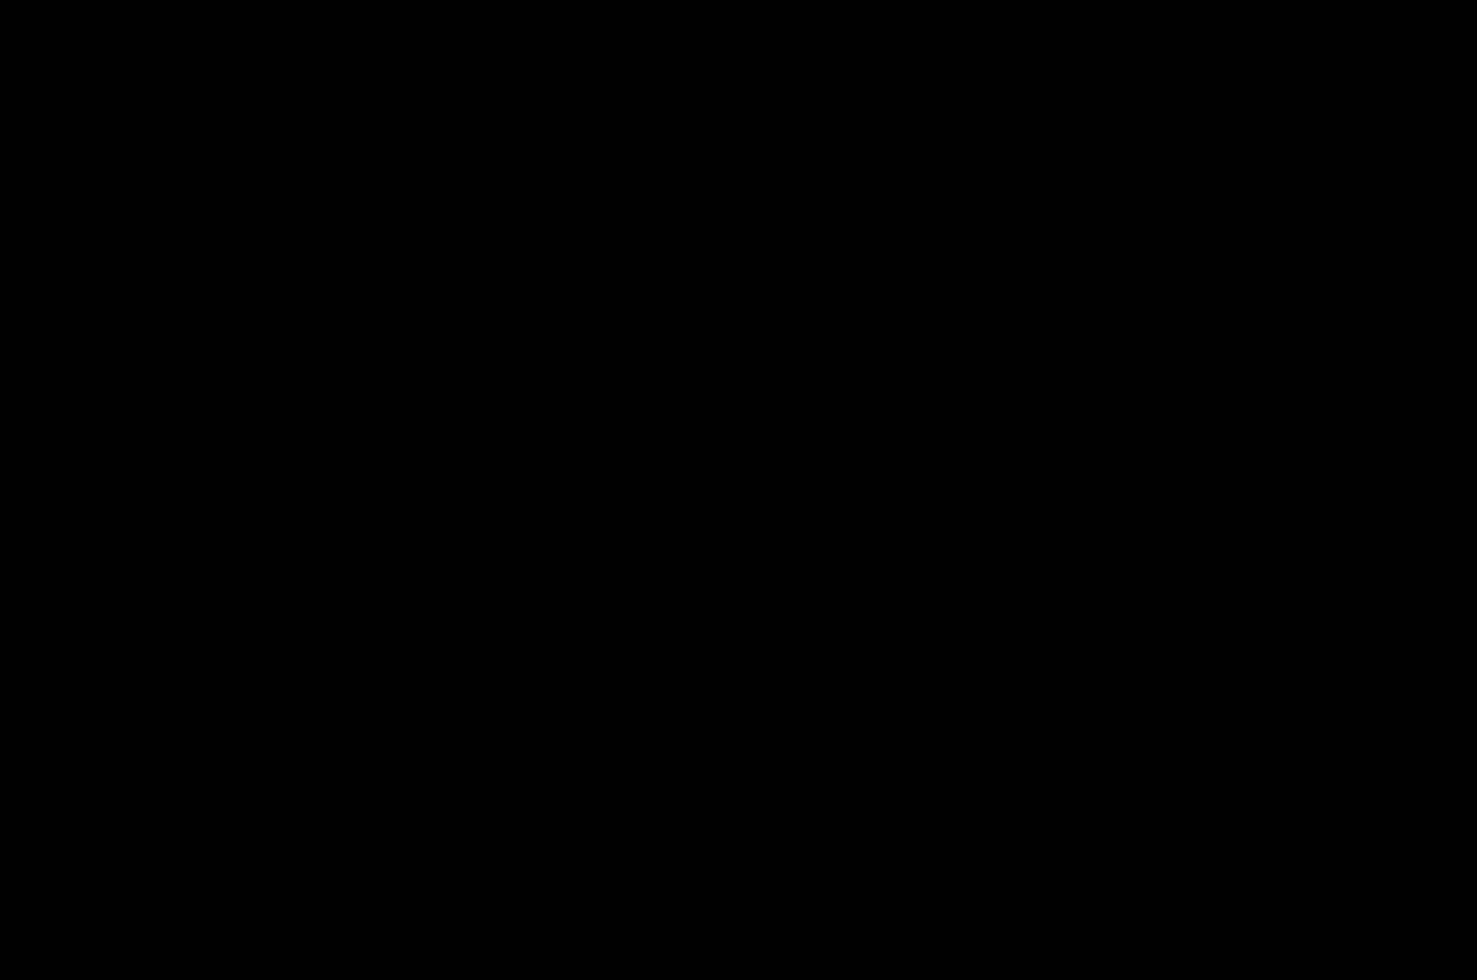 kardinaal png